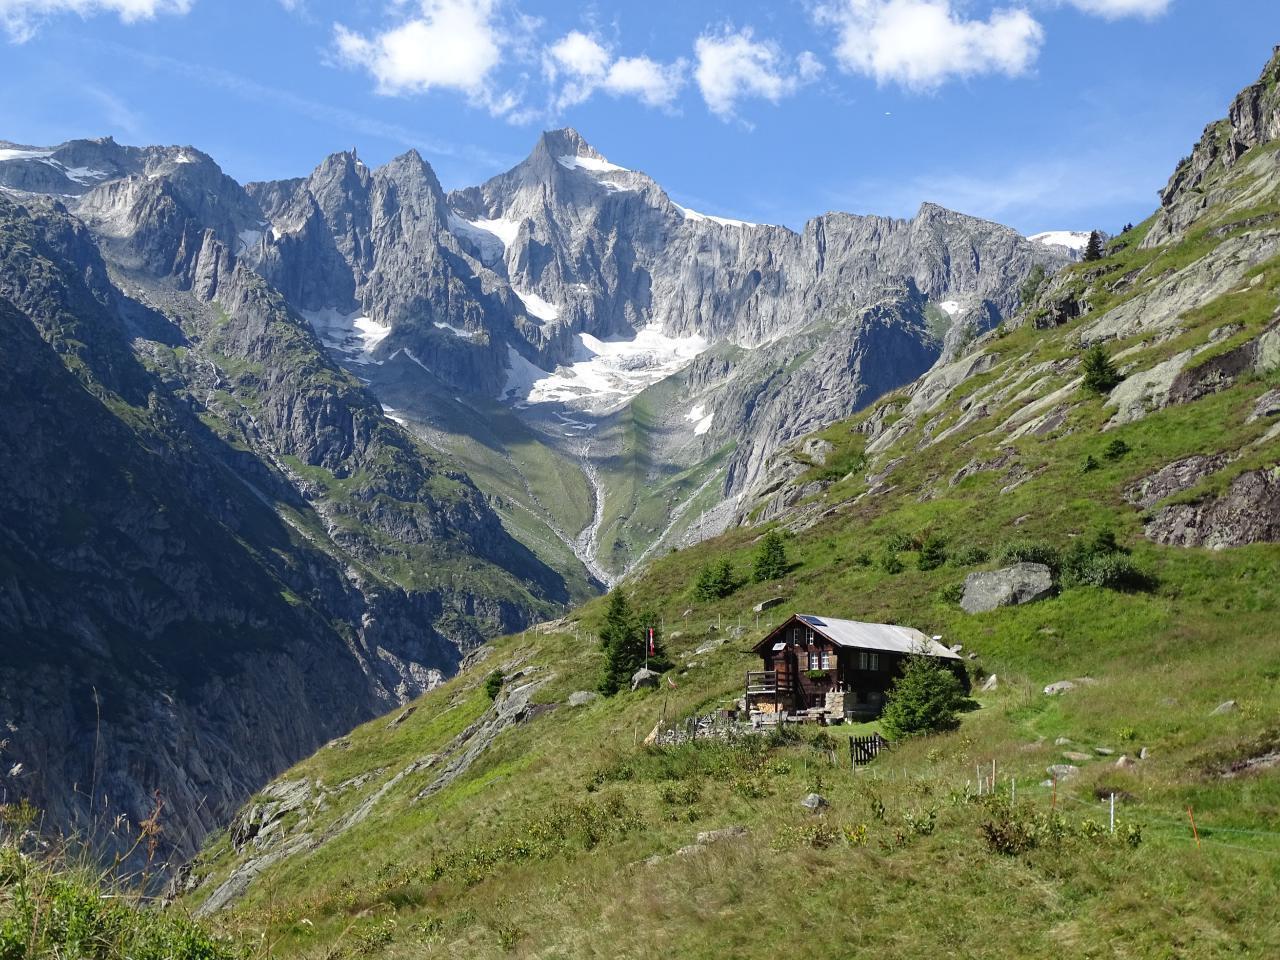 Appartement de vacances Chalet Stefanino, 3 1/2 Zimmer (487097), Bellwald, Aletsch - Conches, Valais, Suisse, image 20